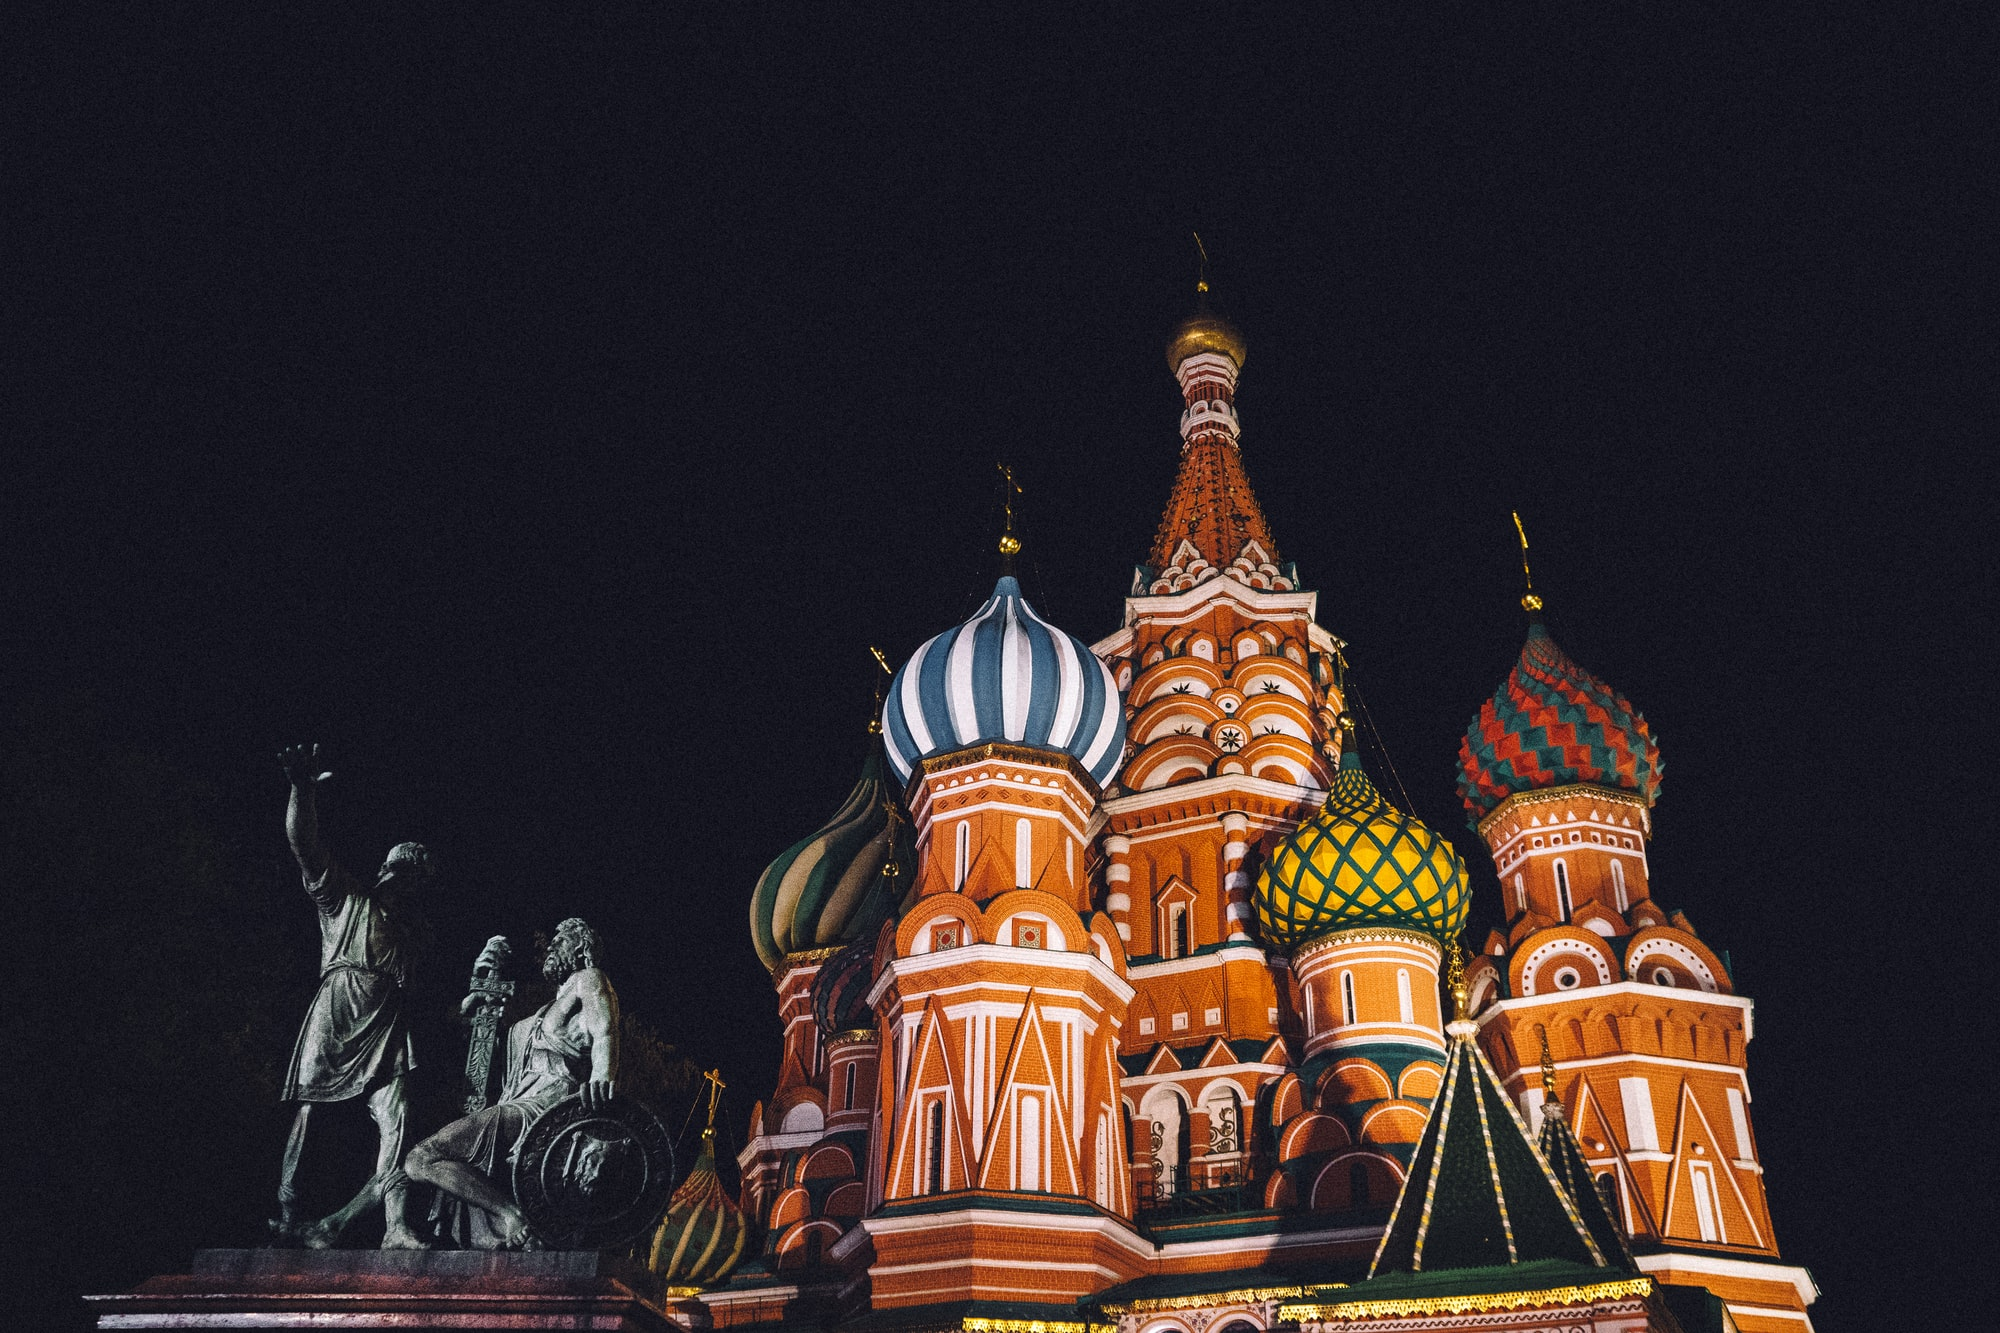 ชุดขุด Bitcoin ที่ใหญ่ที่สุดในรัสเซียถูกติดตั้งแล้ว!